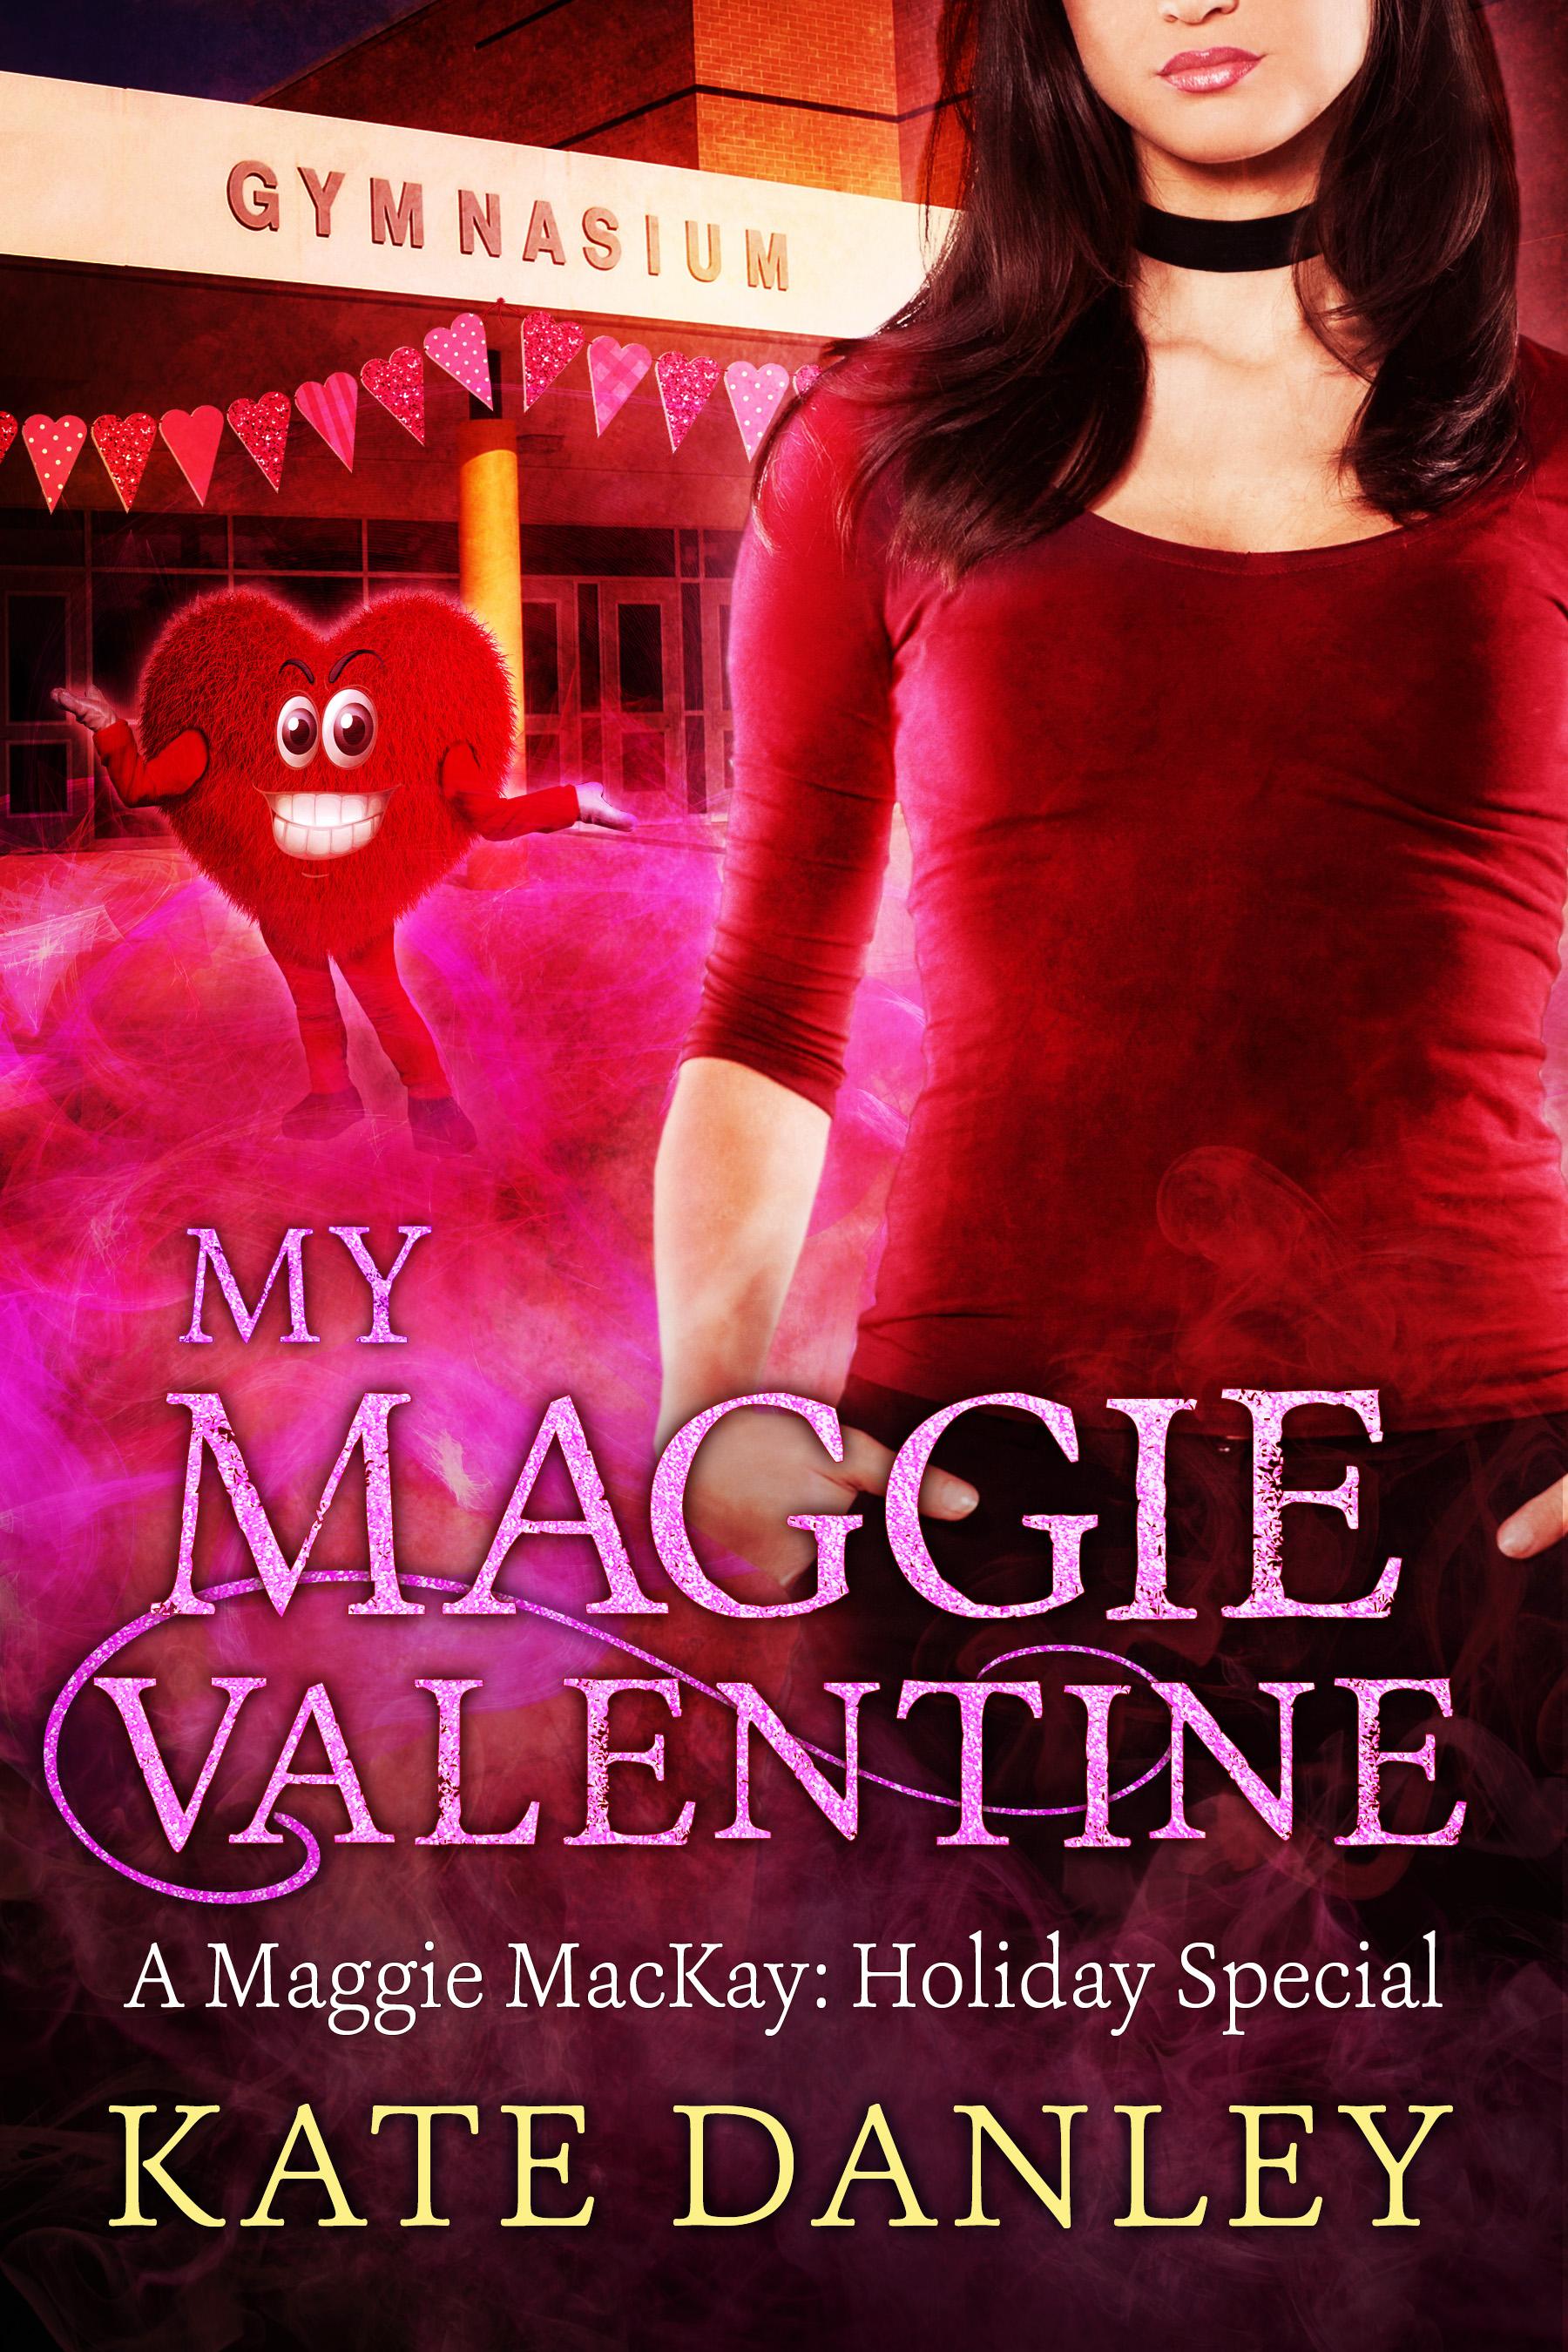 My-Maggie-Valentine_ebook.jpg